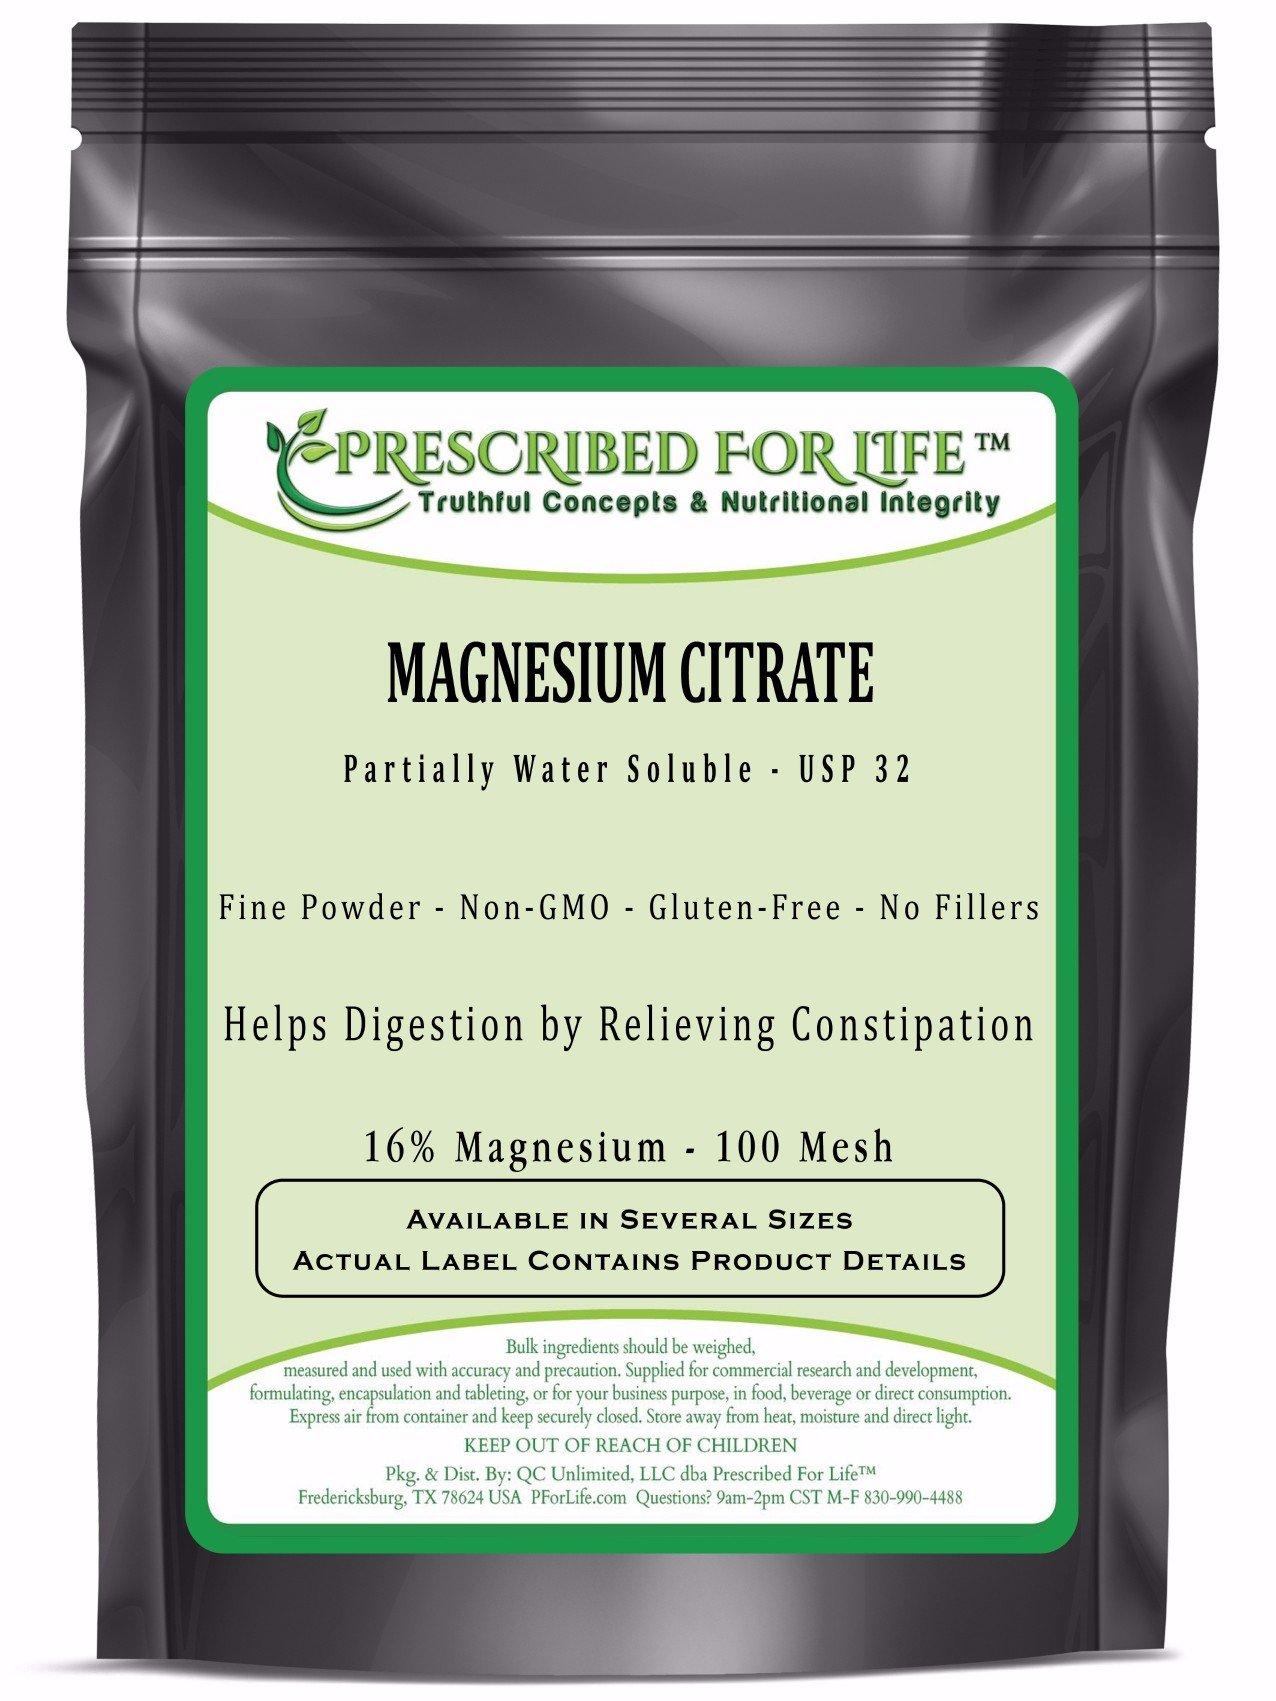 Magnesium Citrate Powder - Natural USP32 TriMagnesium Citrate 100 Mesh - 16% Mg, 55 lb